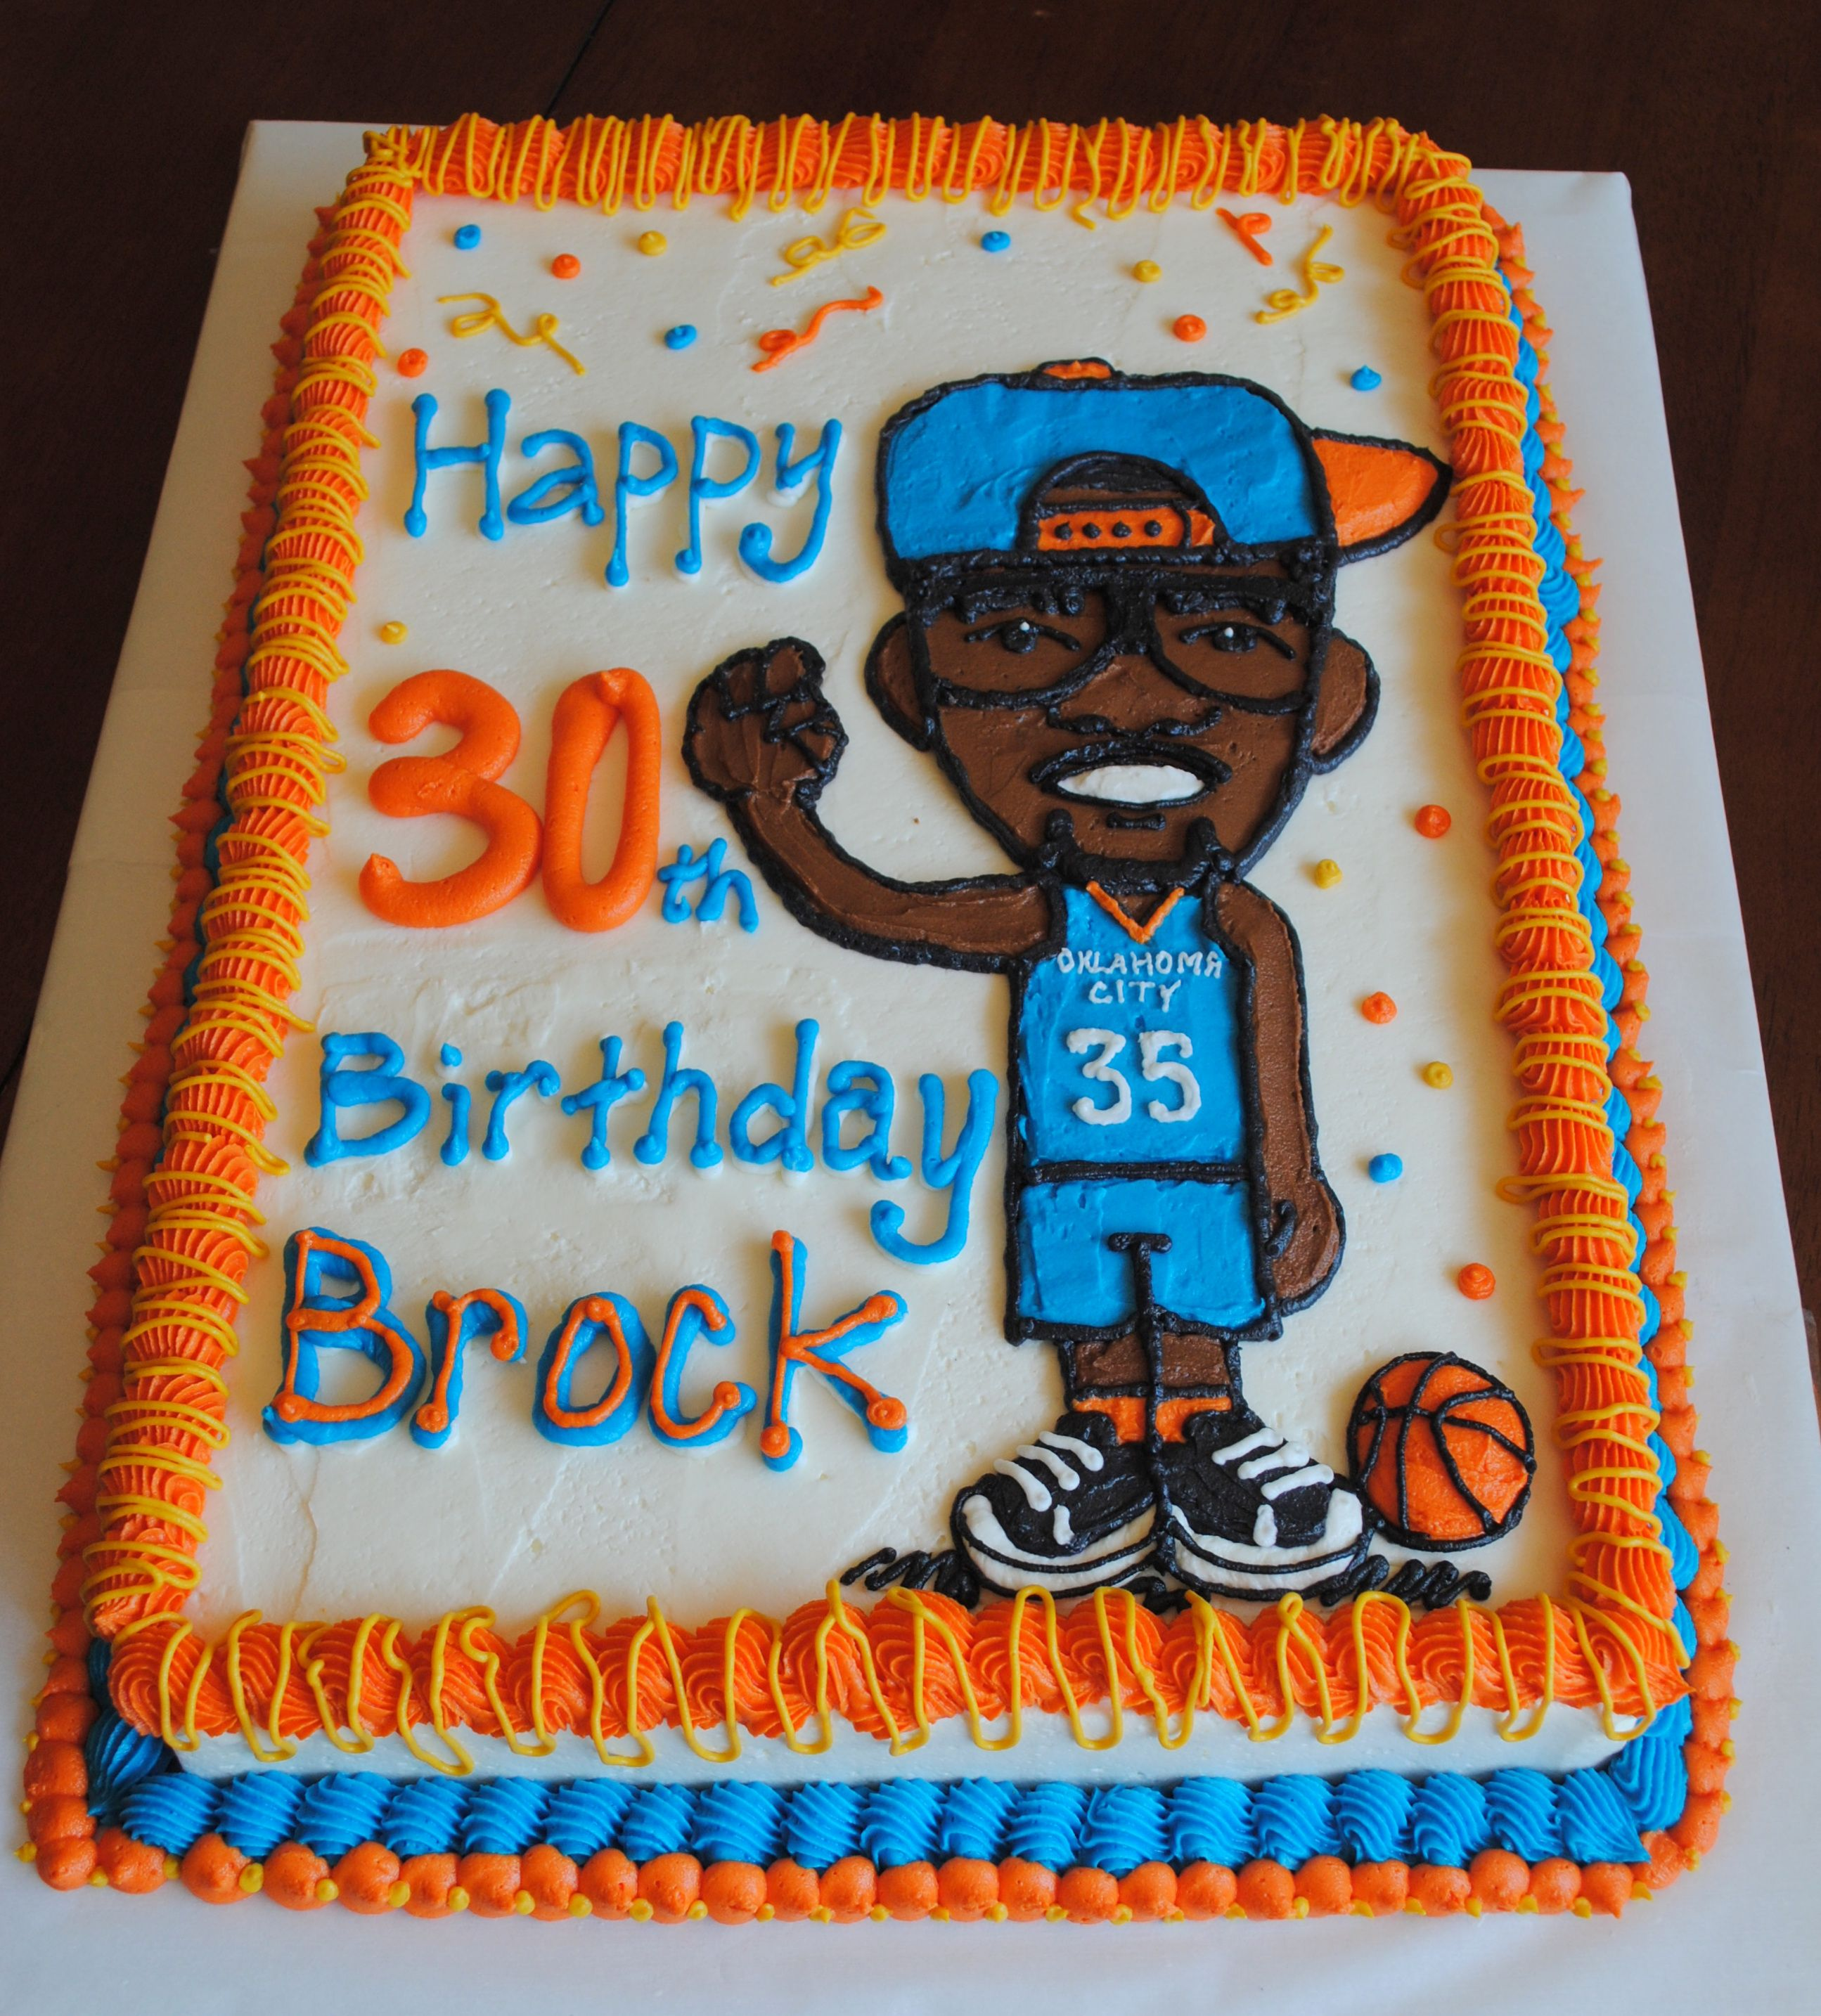 Kevin Durant And Oklahoma City Thunder Birthday Cake Www